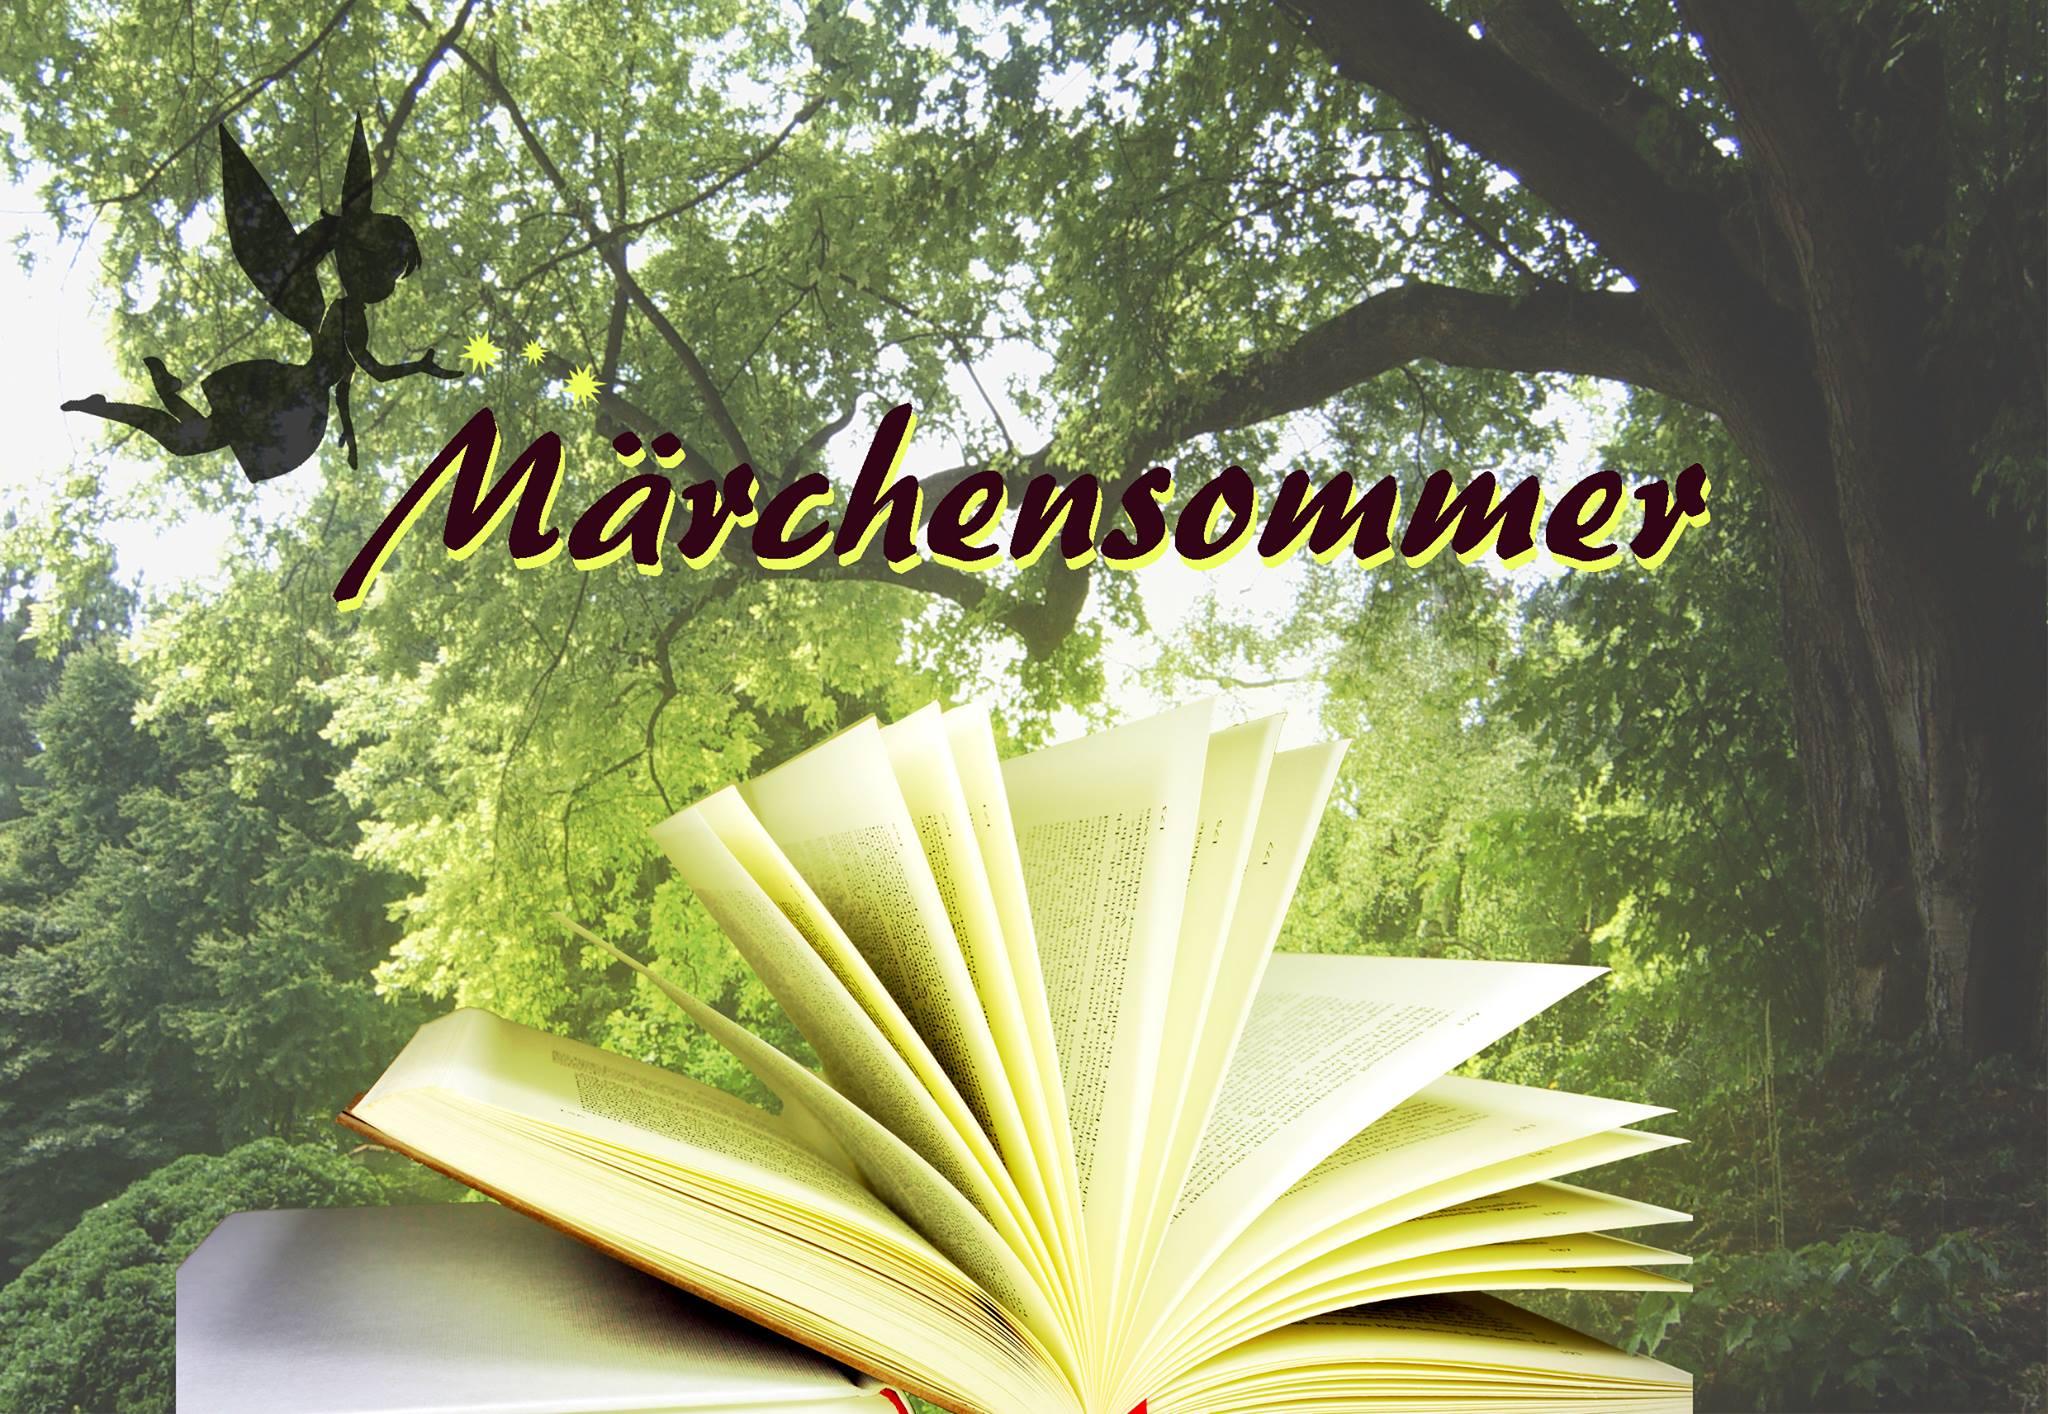 """Das alte Märchensommer Banner zeigt eine Scherenschnitt-Fee, die Glitzer auf den Schriftzug """"Märchensommer"""" über einem aufgeschlagenen Buch streut. Alles vor einem Wald im Hintergrund."""